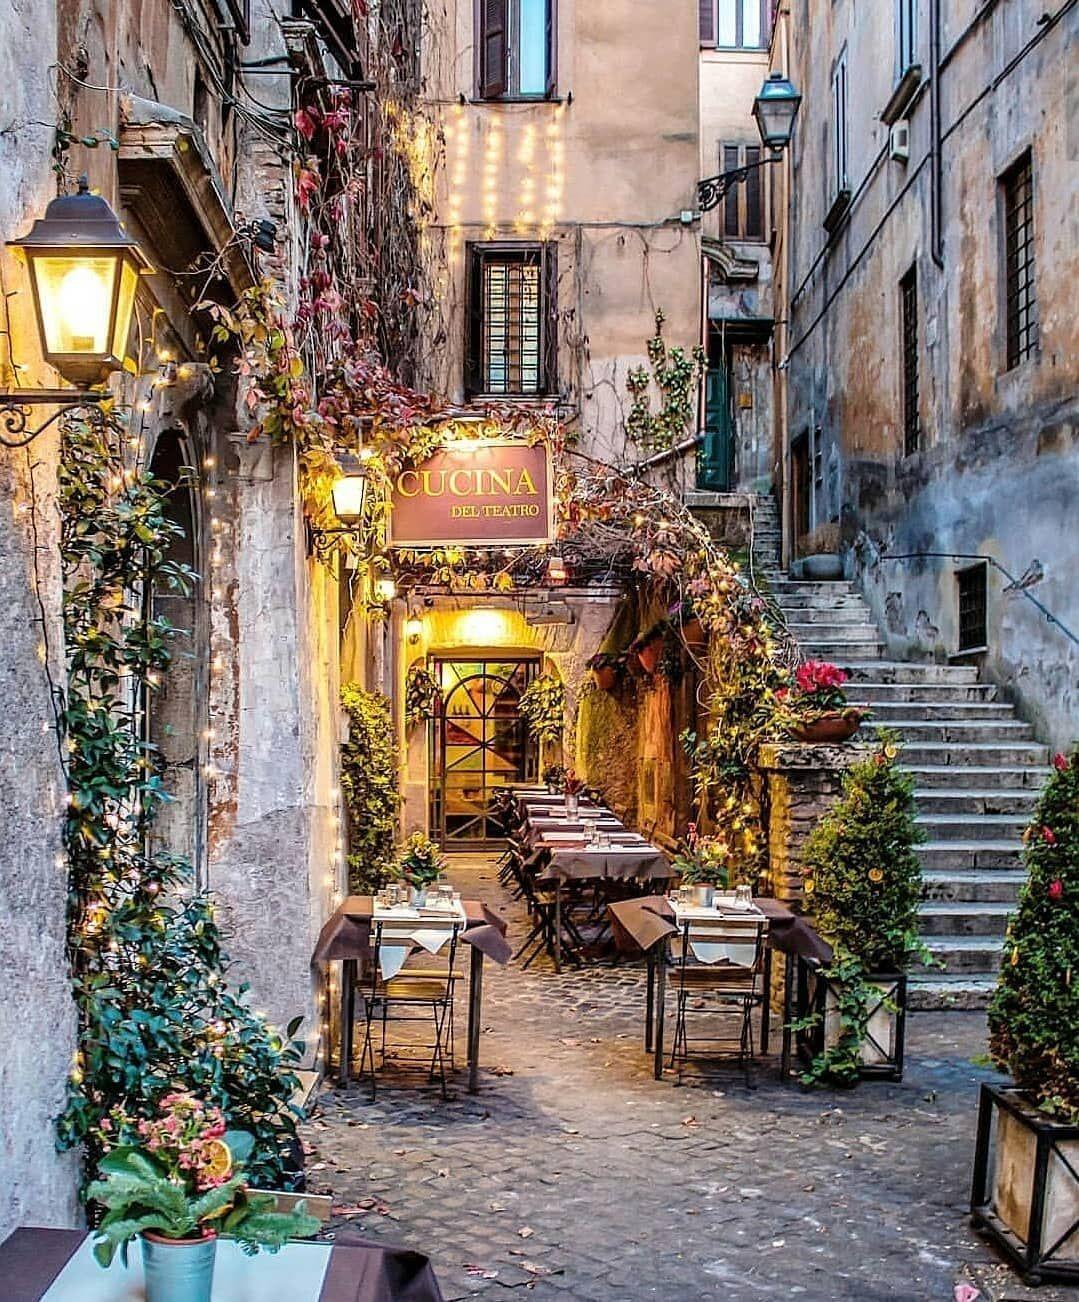 Les Plus Beaux Paysages D Europe : beaux, paysages, europe, Europestyle_, #europestyle_, Destinations, Europe, été, Soleil, Nouvel, Week-end, Break, Rêve, Côte, D'Azur, Lisbonne, Portug…, Italie,, Visiter, Italie